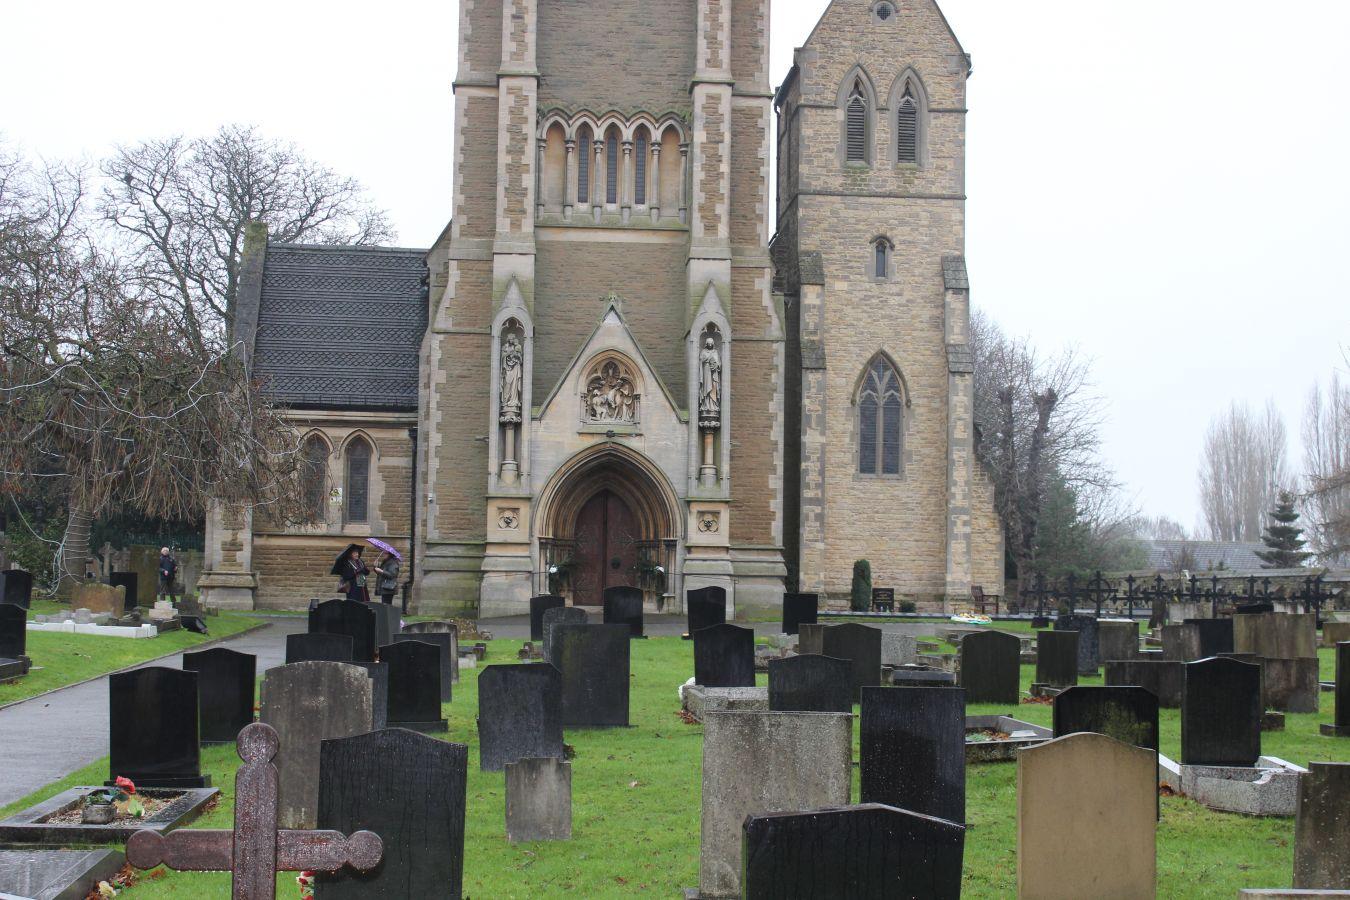 St Marries Church